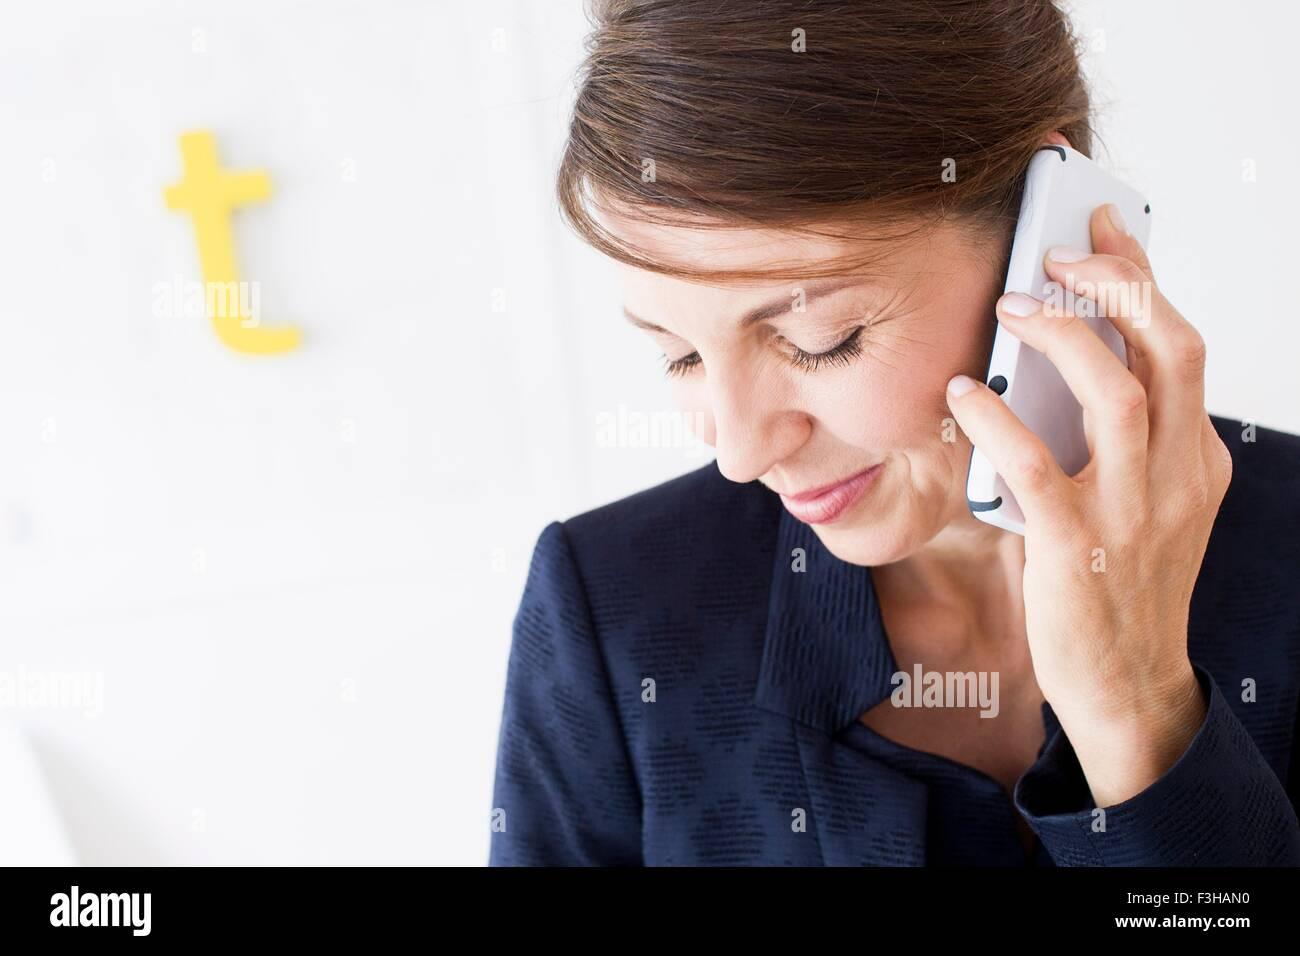 La testa e le spalle della donna matura utilizzando lo smartphone, guardando verso il basso sorridente Immagini Stock